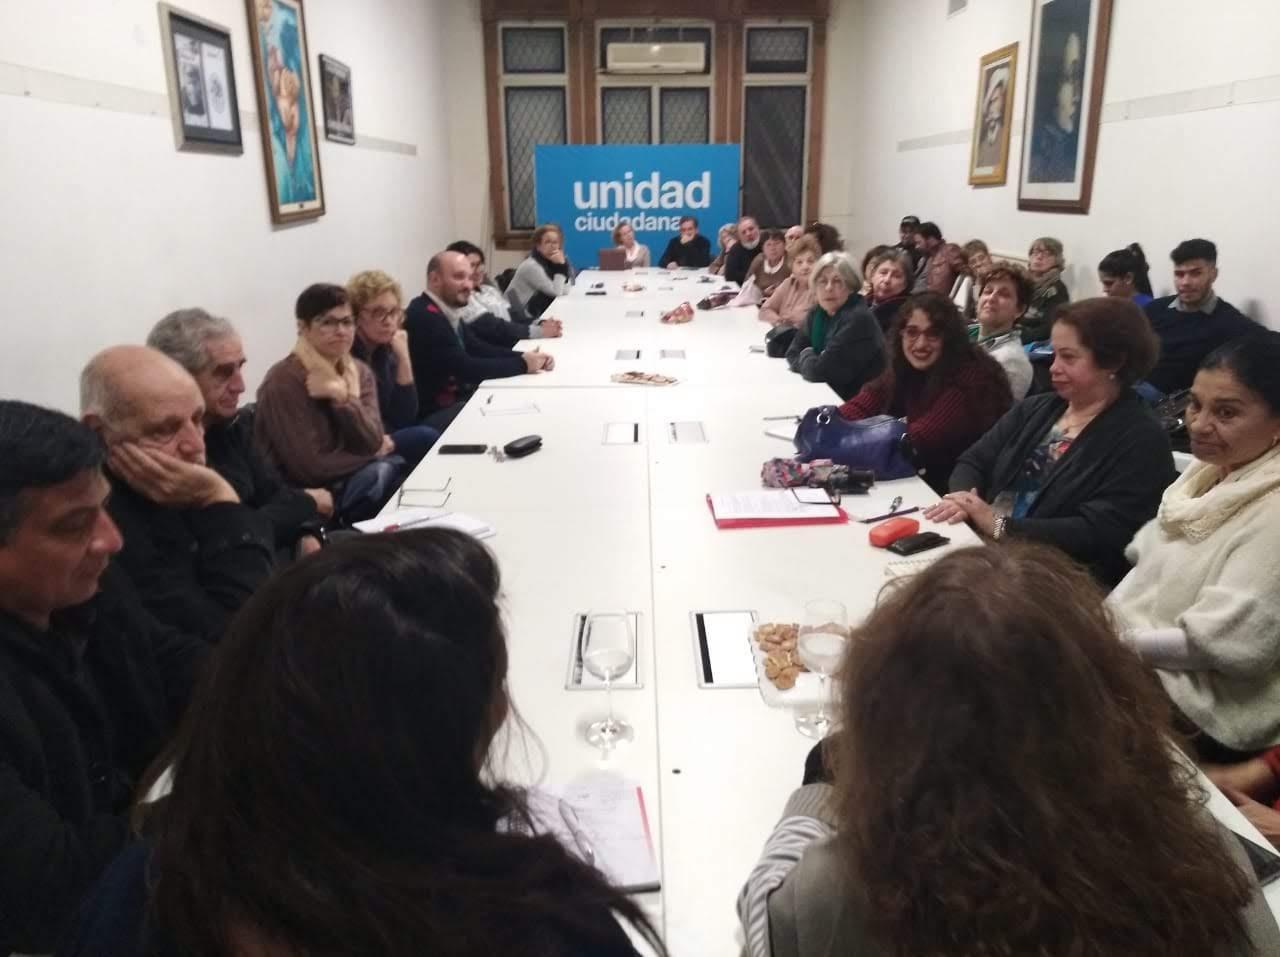 Propuesta participativa para desarrollar leyes en defensa de los Derechos Humanos de las Personas Mayores